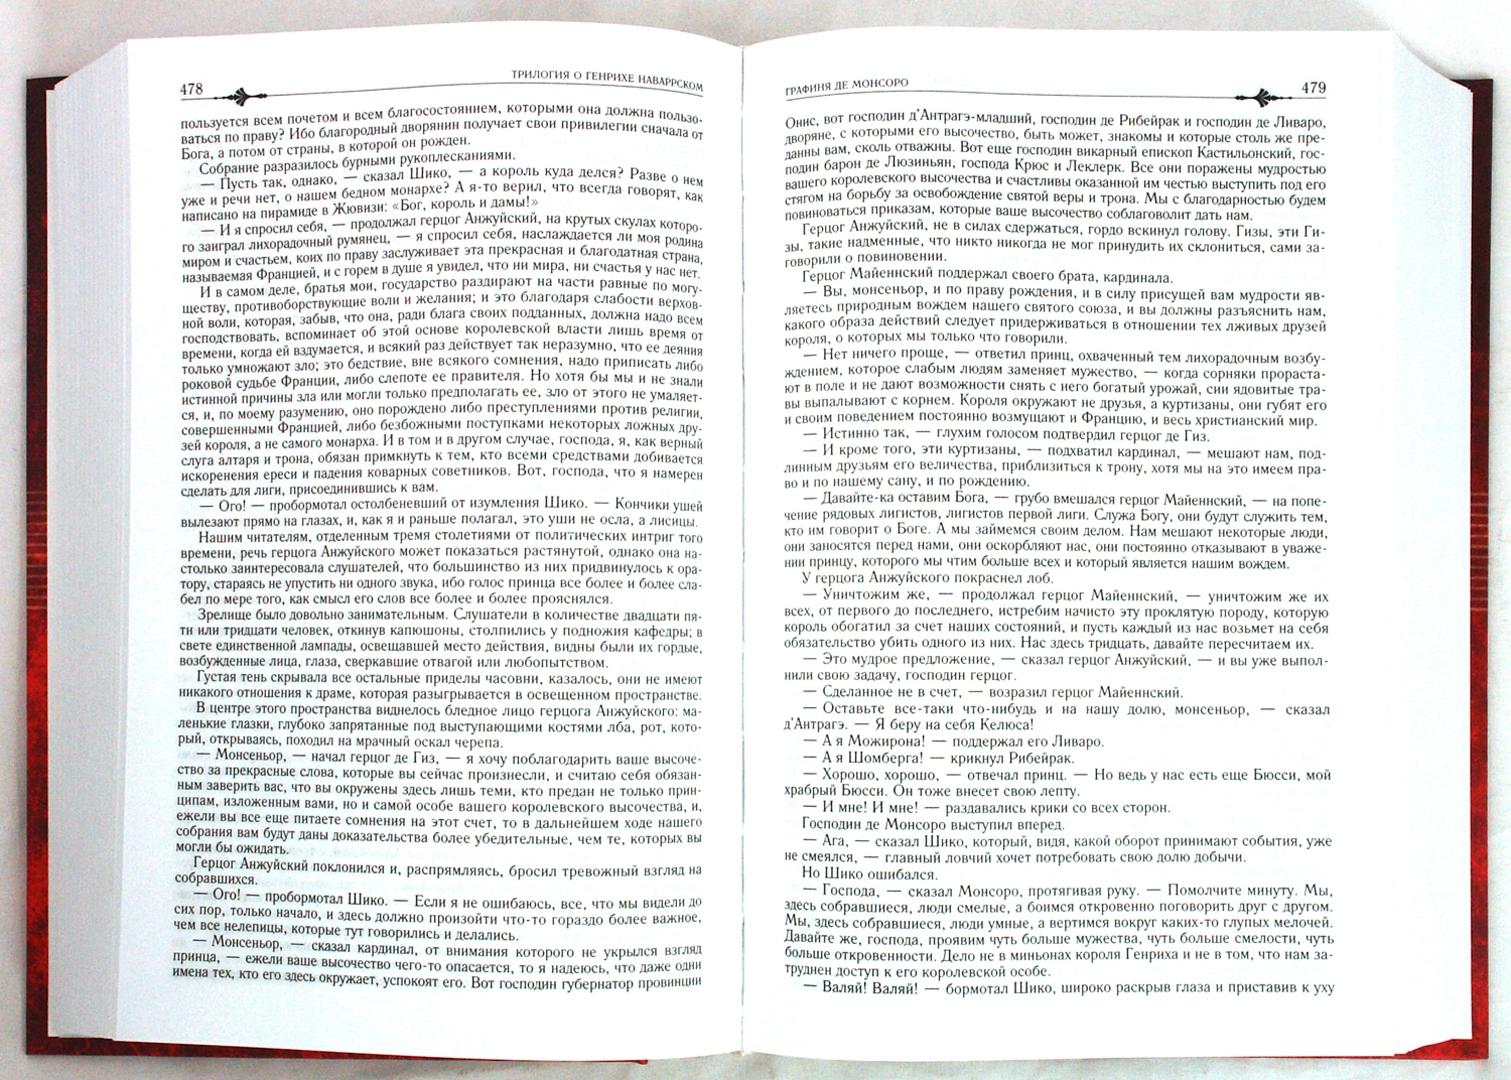 Иллюстрация 1 из 16 для Трилогия о Генрихе Наваррском: Королева Марго. Графиня де Монсоро. Сорок пять - Александр Дюма | Лабиринт - книги. Источник: Лабиринт